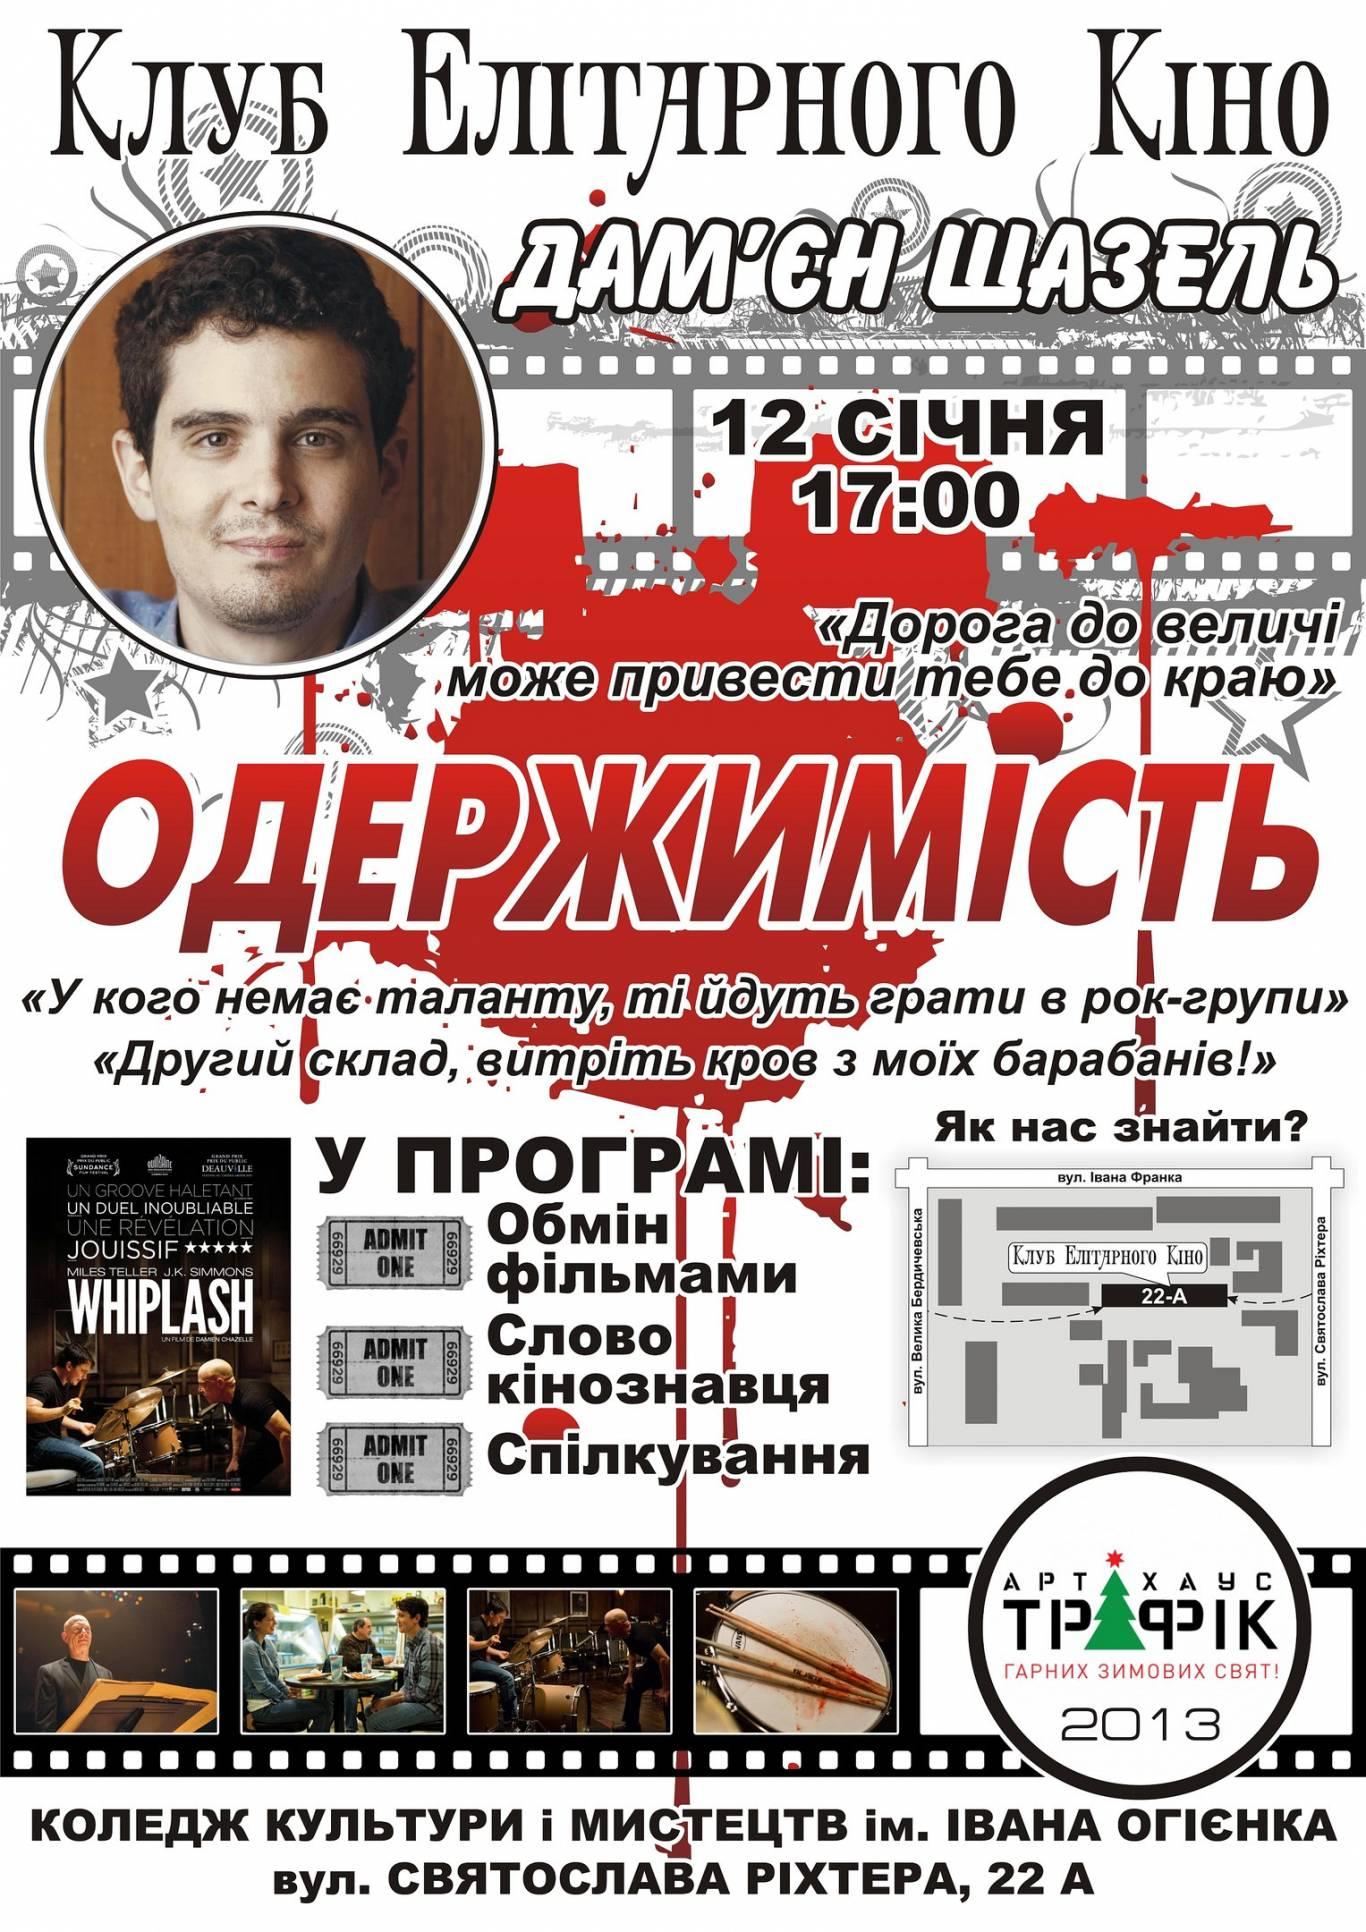 Клуб Елітарного кіно представляє фільм «Одержимість»